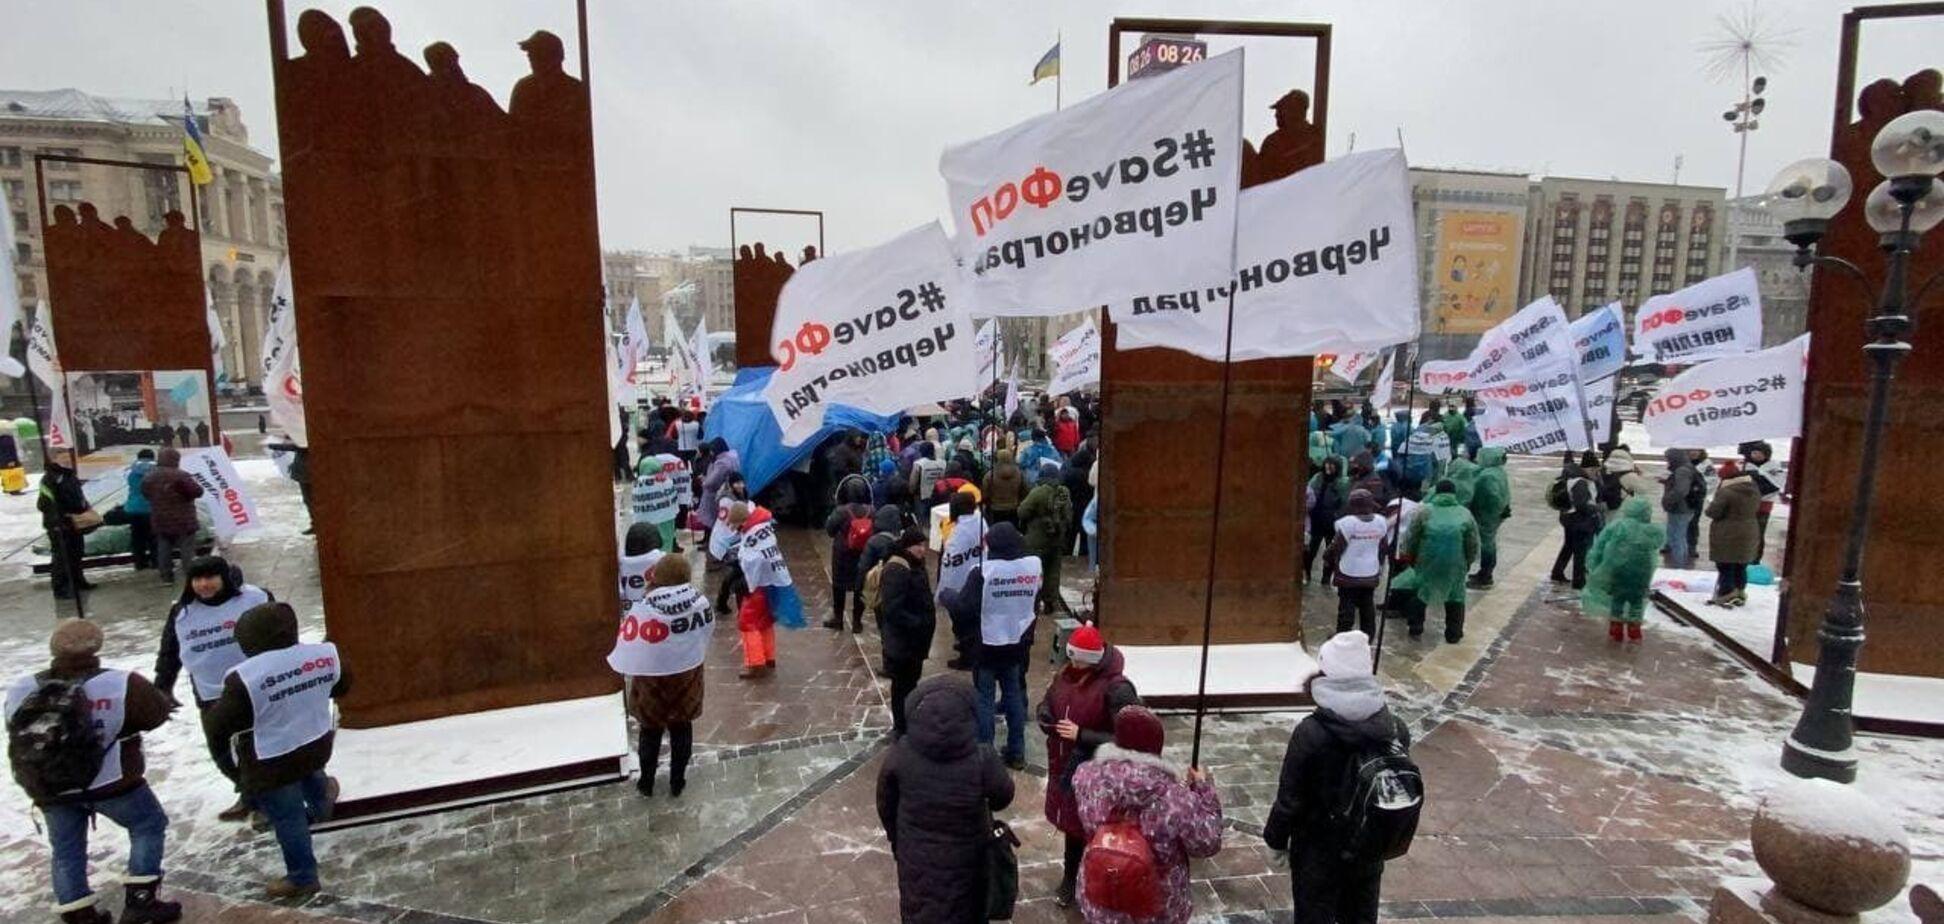 'ФОПовцы' собрали миллионы на протесты, а их организаторы к мелкому бизнесу отношения не имеют: расследование